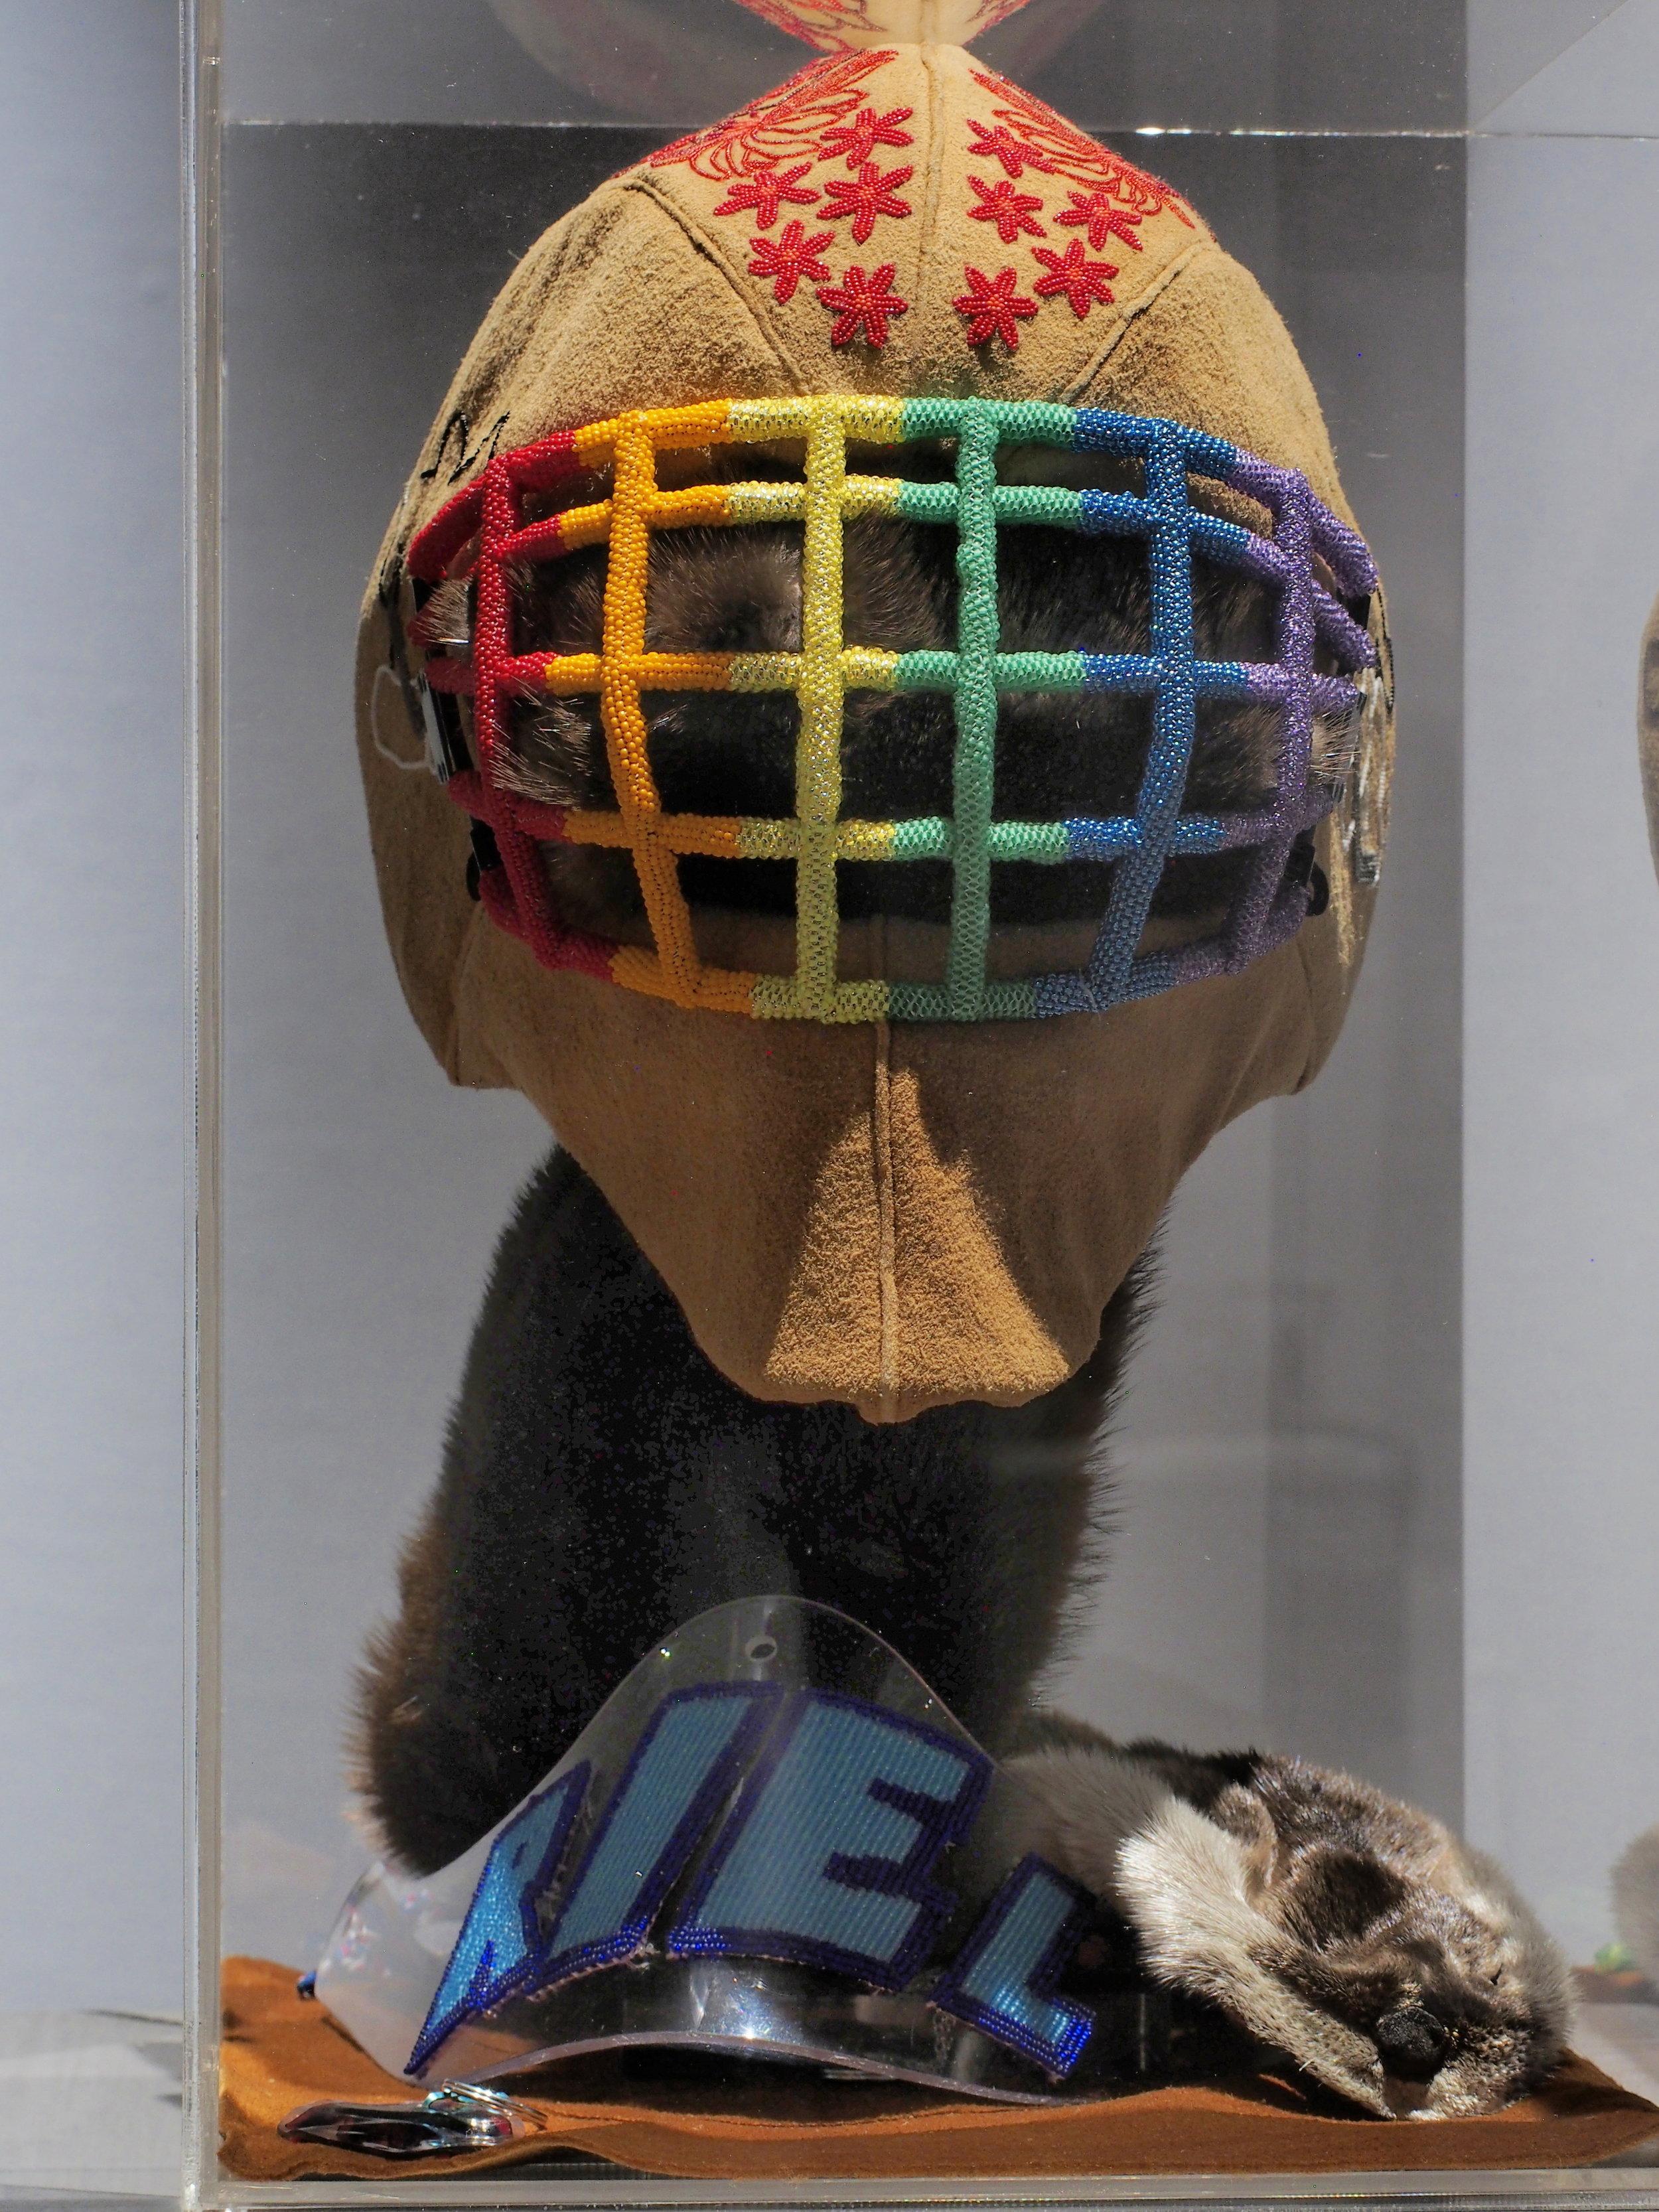 Judy Anderson,  This one brings me the most pride,  2016, beads, moose hide, goalie helmet, plexi, otter pelt.